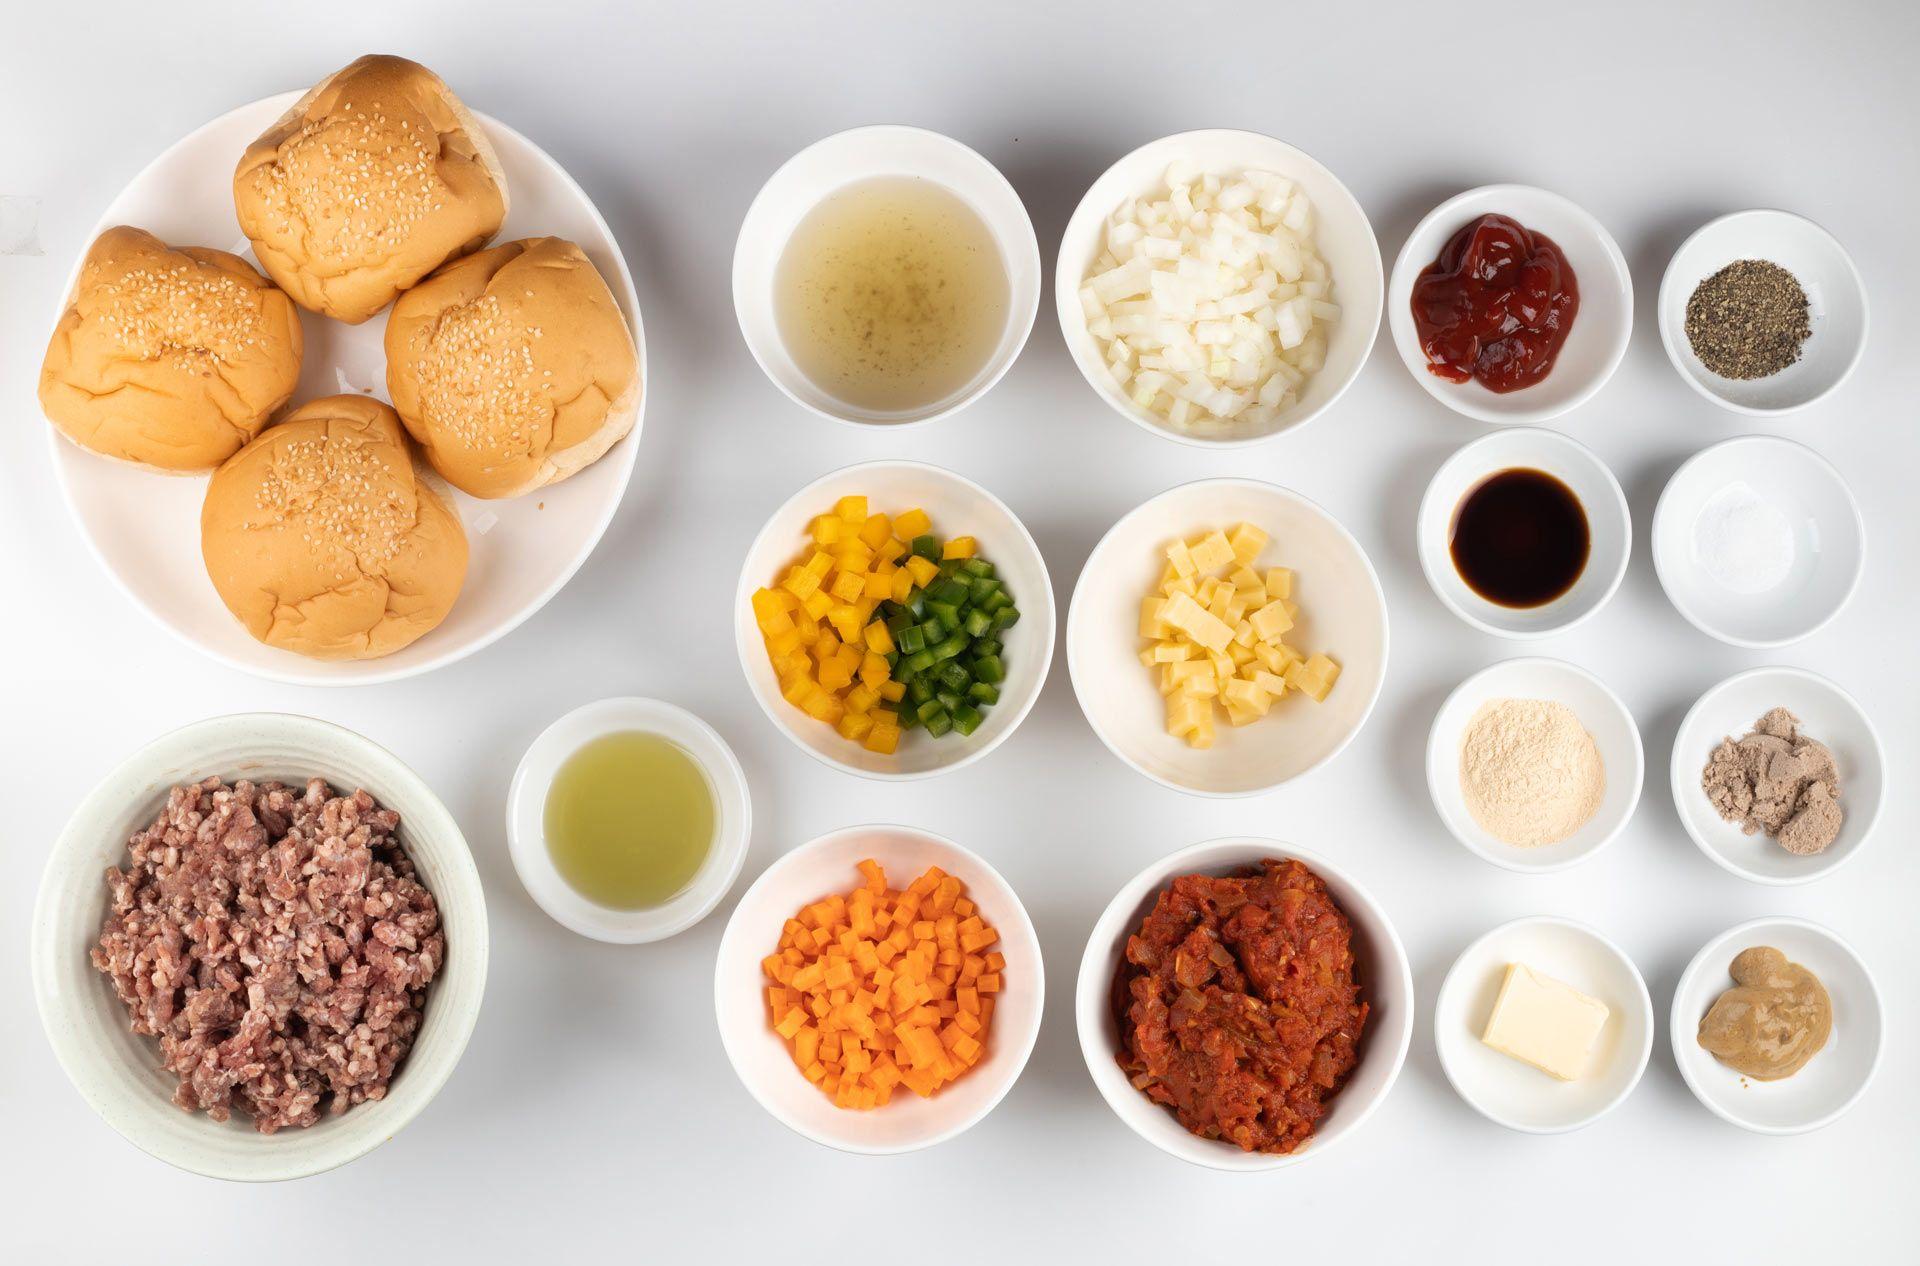 Sloppy Joe ingredients